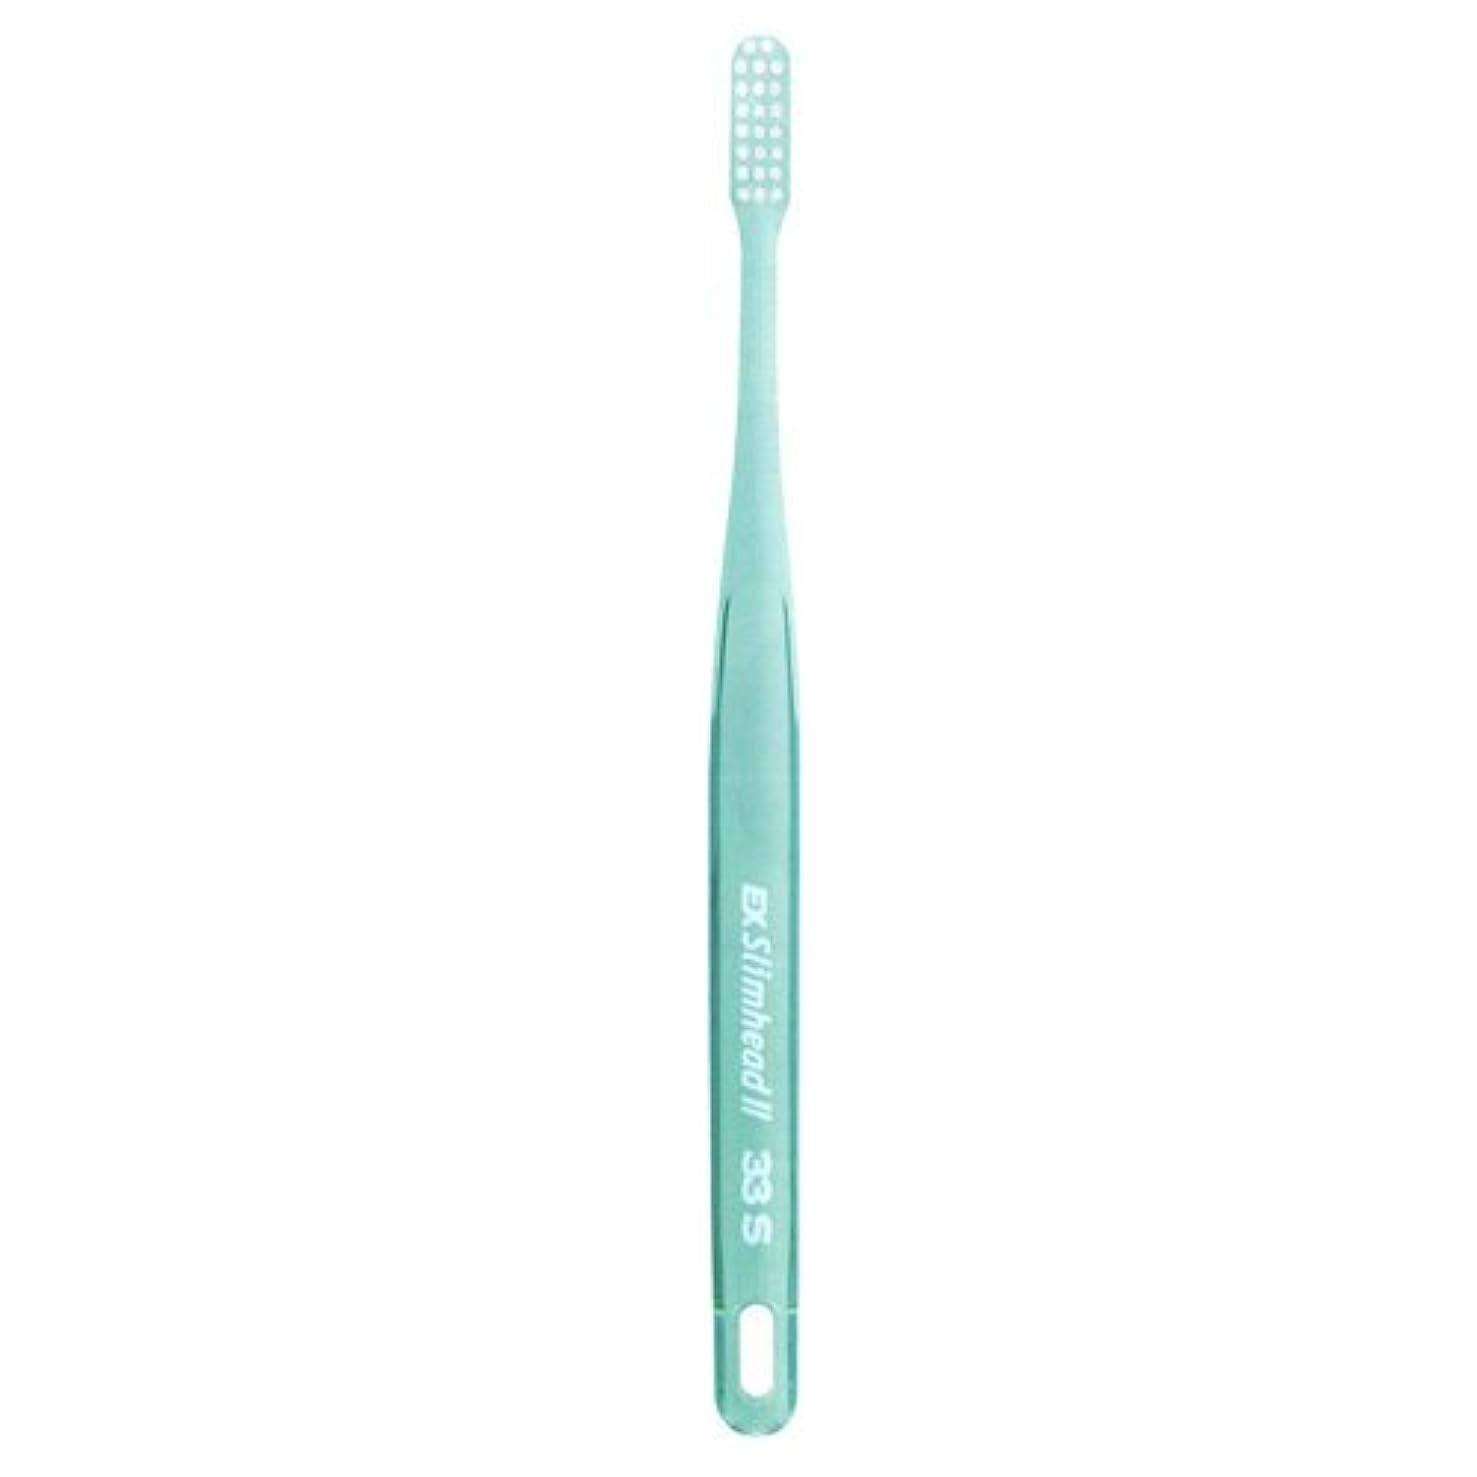 不要ゴミ箱消毒剤ライオン スリムヘッド2 歯ブラシ DENT . EX Slimhead2 1本 33H クリアグリーン